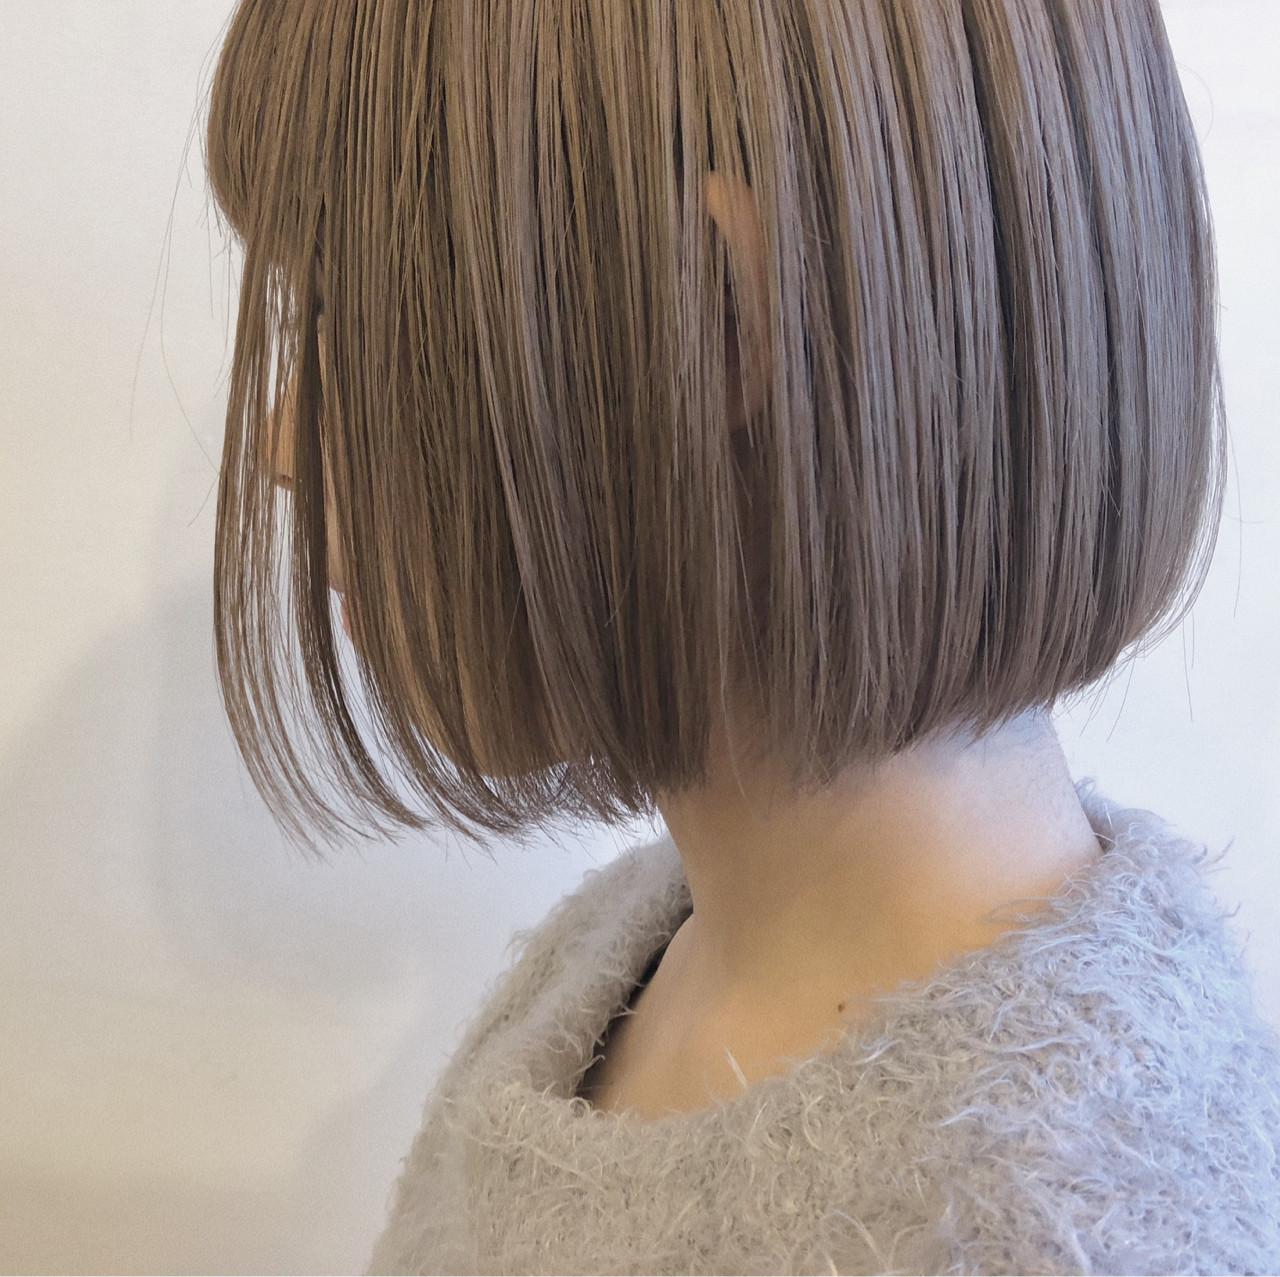 ミルクティーベージュ ワンレングス ブリーチ ボブ ヘアスタイルや髪型の写真・画像